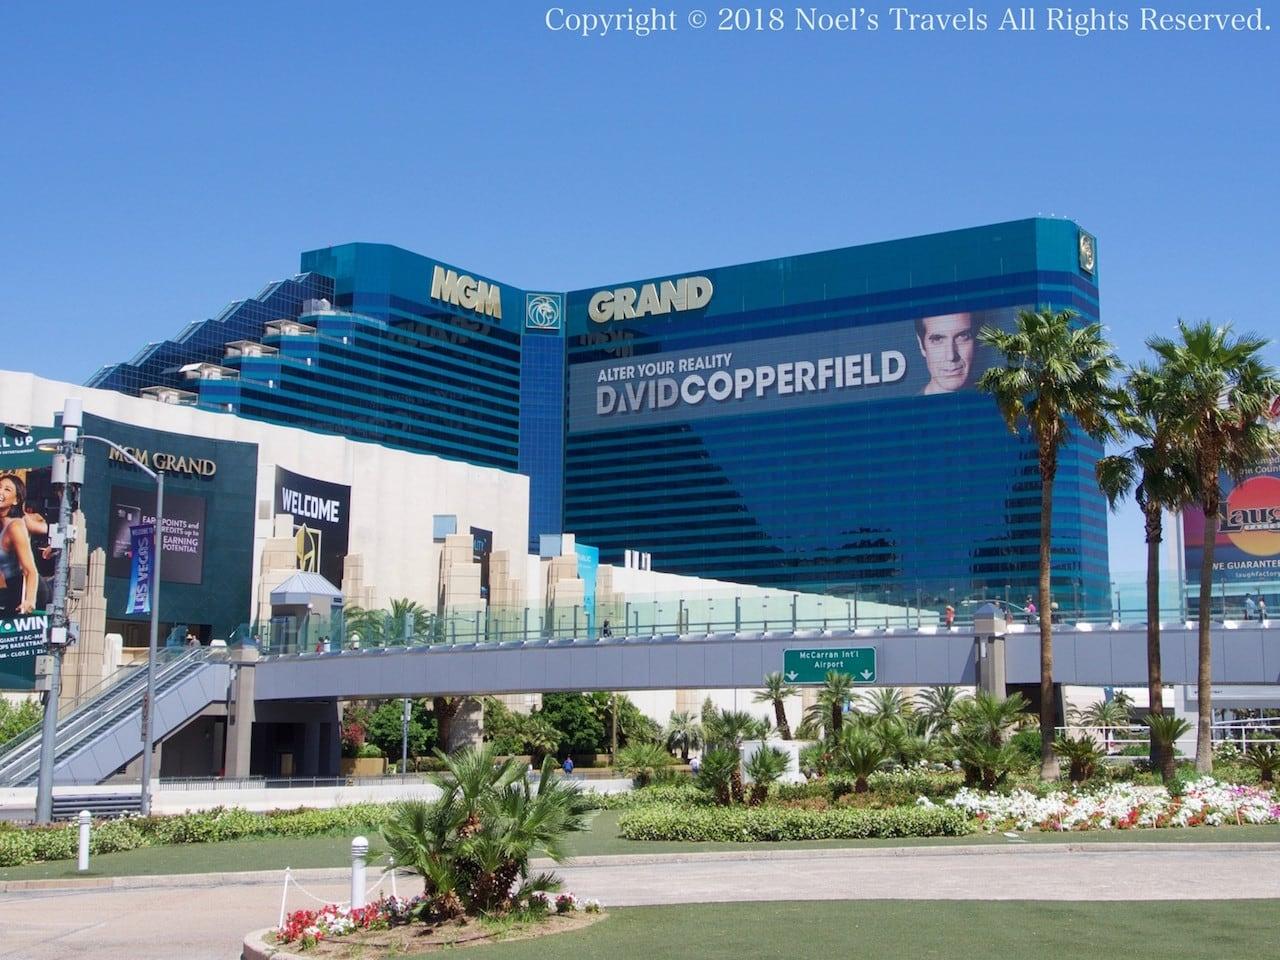 ラスベガスのホテル「MGMグランド」